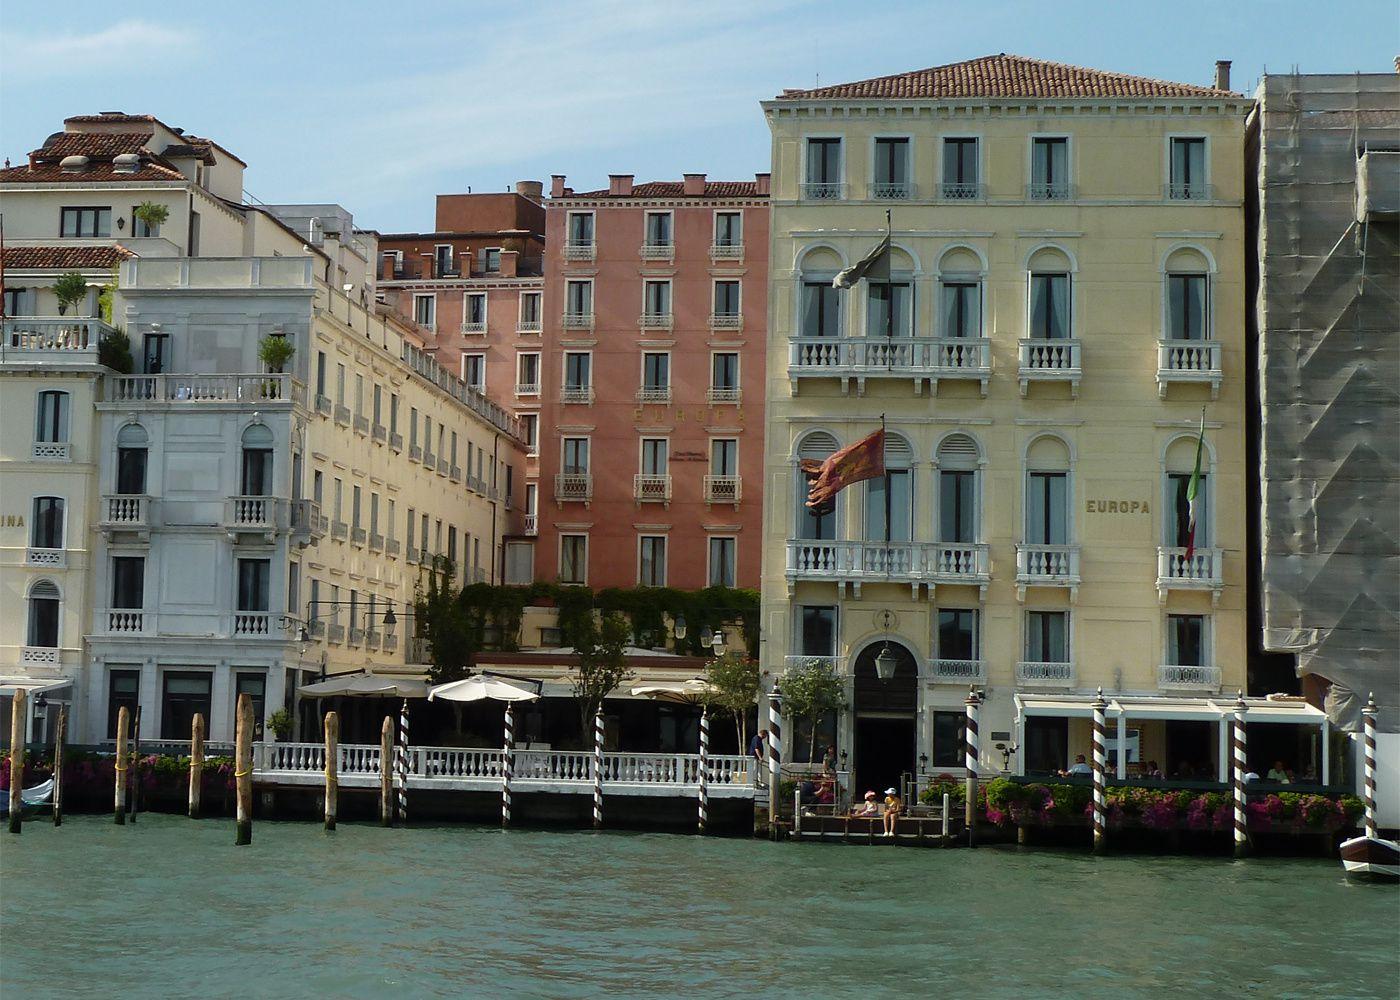 À droite, l'hôtel l'Europe sur le Grand Canal